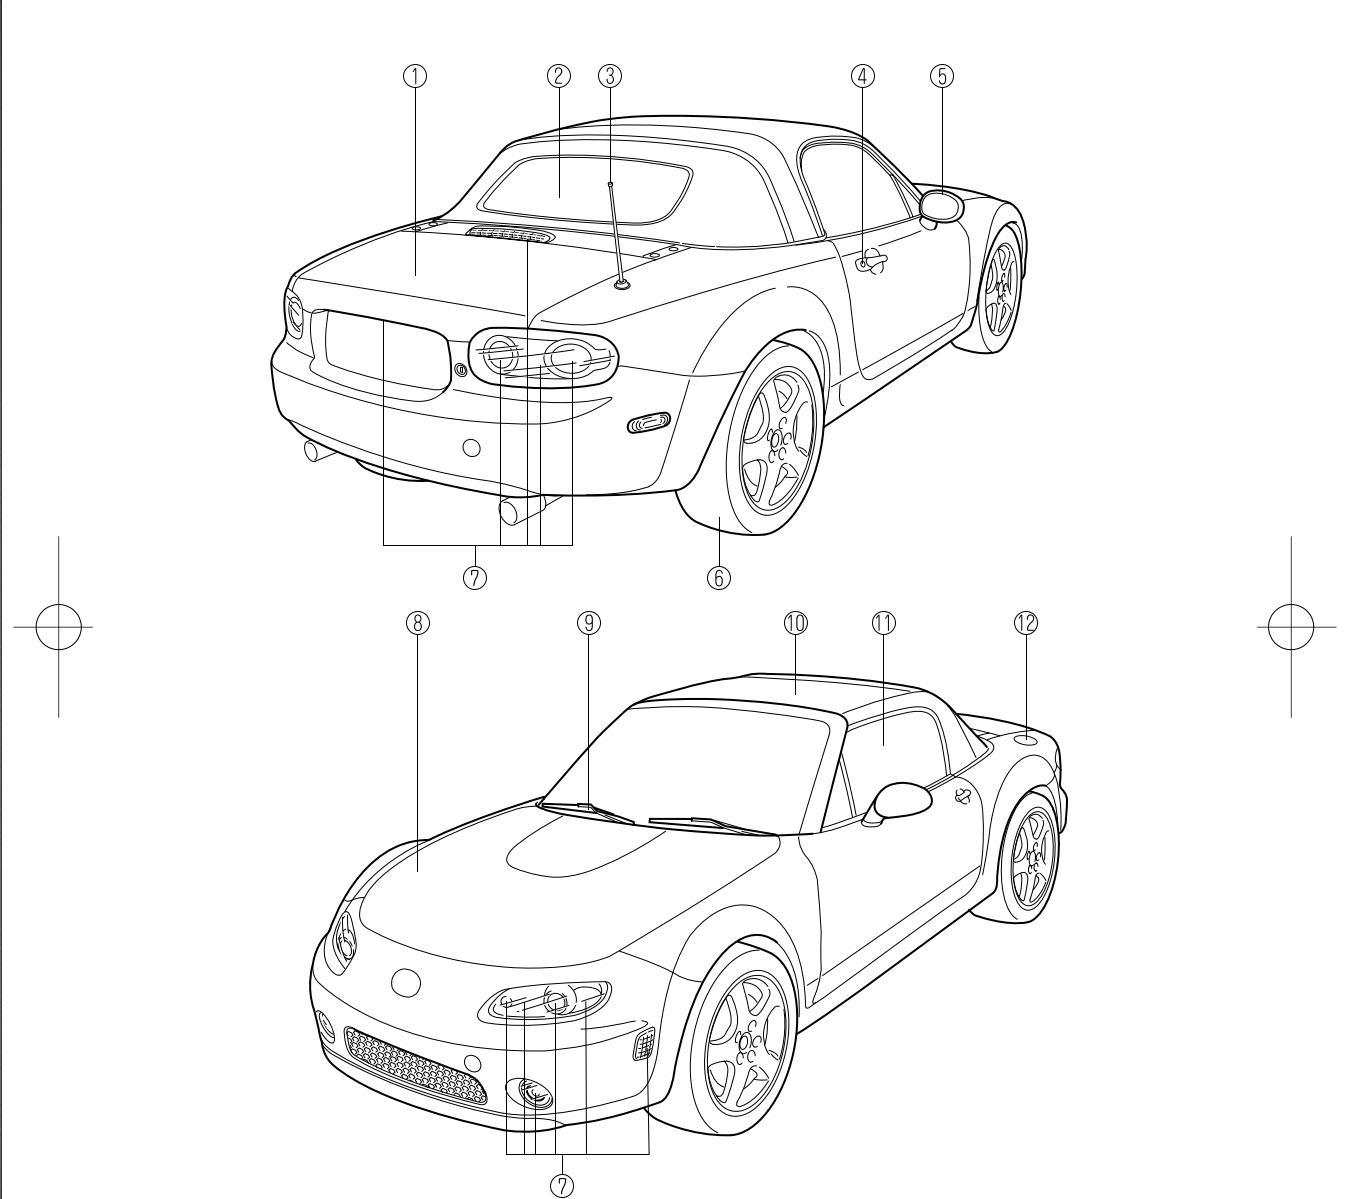 Mazda MX-5 2006 Owner's Manual